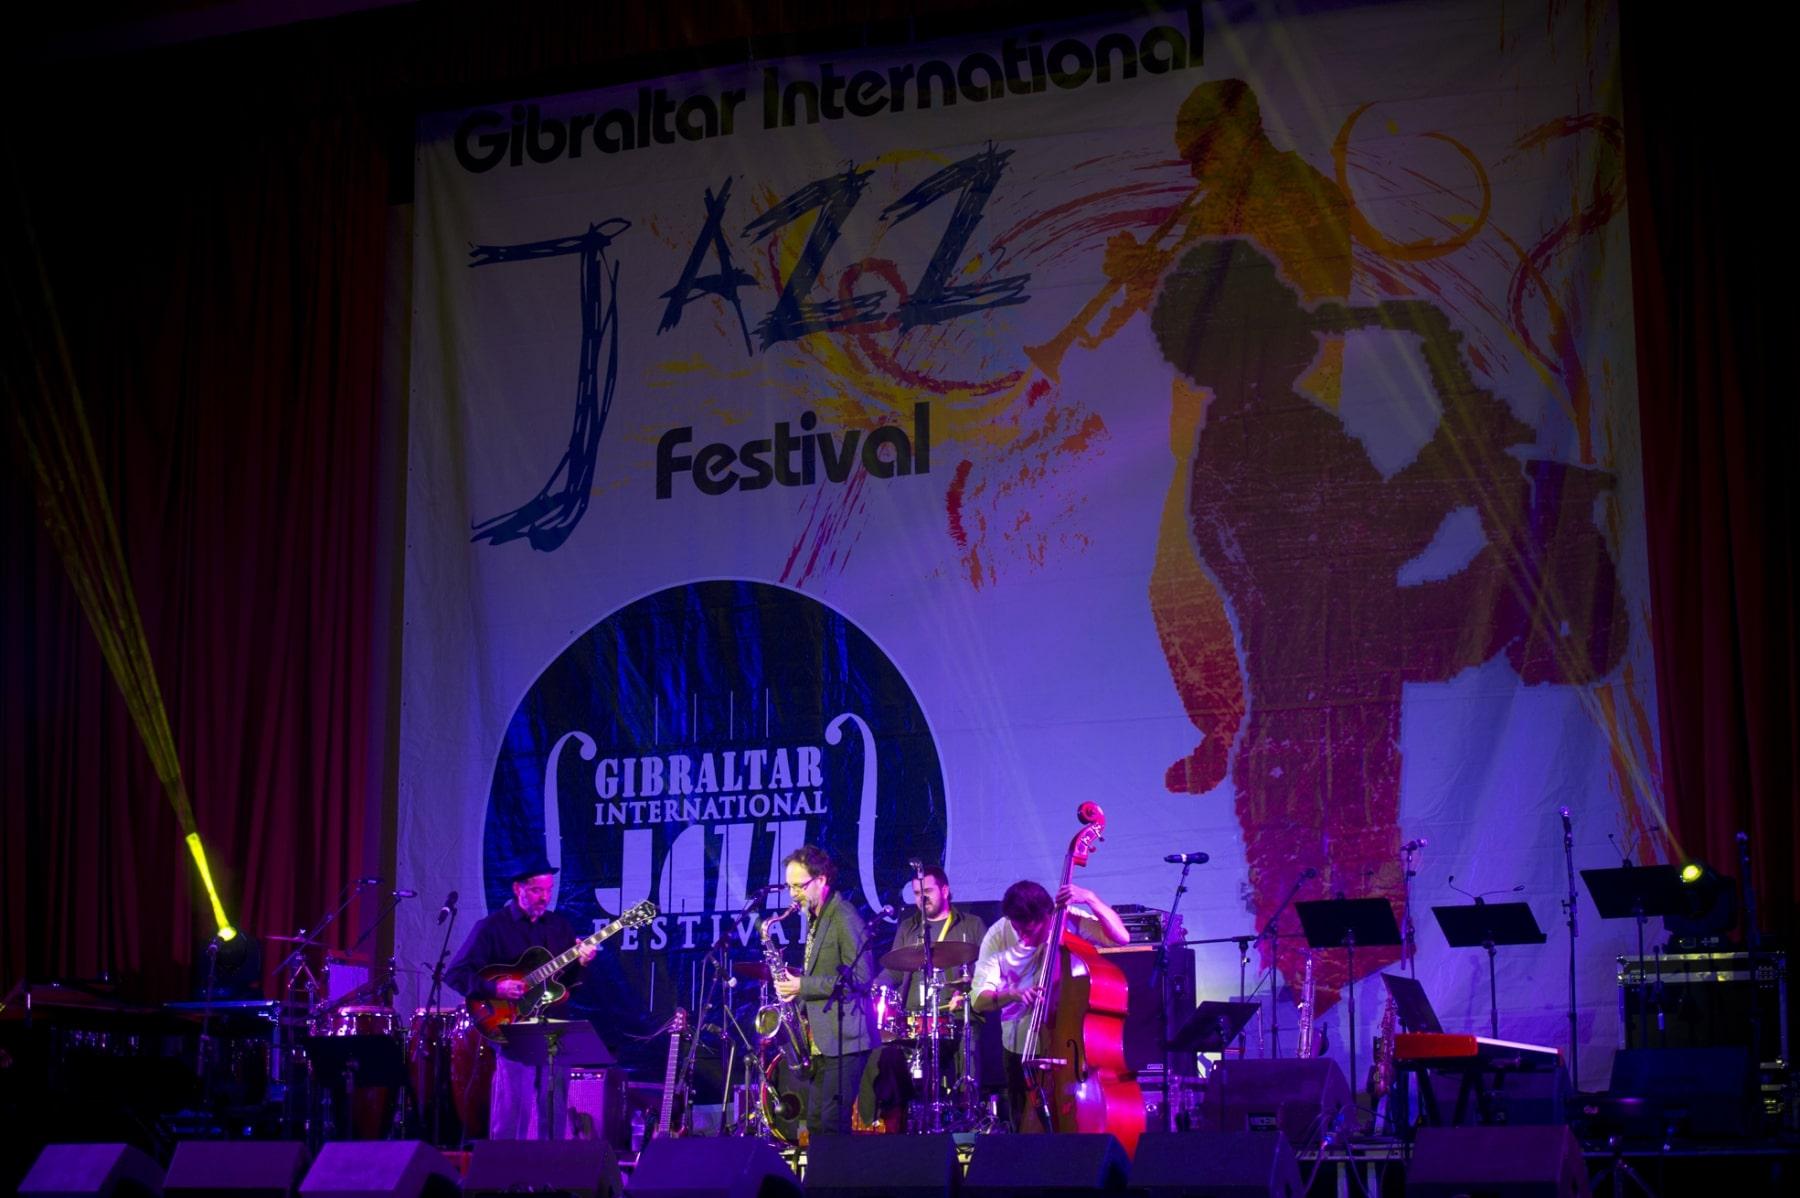 festival-internacional-de-jazz-gibraltar-25102014-25_15630988595_o